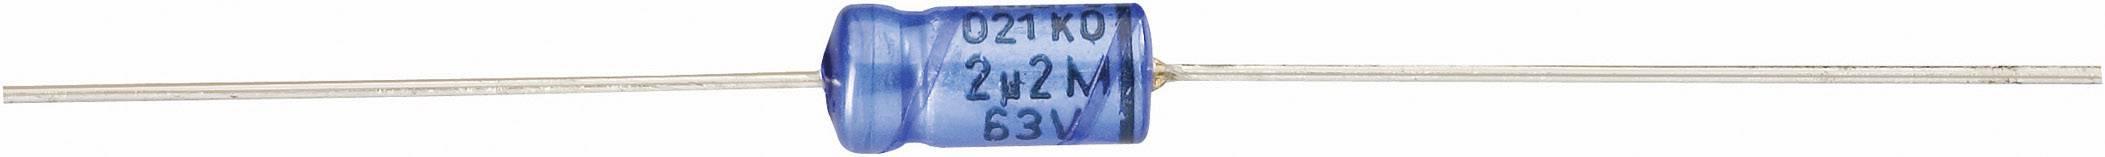 Elektrolytický kondenzátor Vishay 2222 021 36479, axiálne vývody, 47 µF, 25 V, 20 %, 1 ks